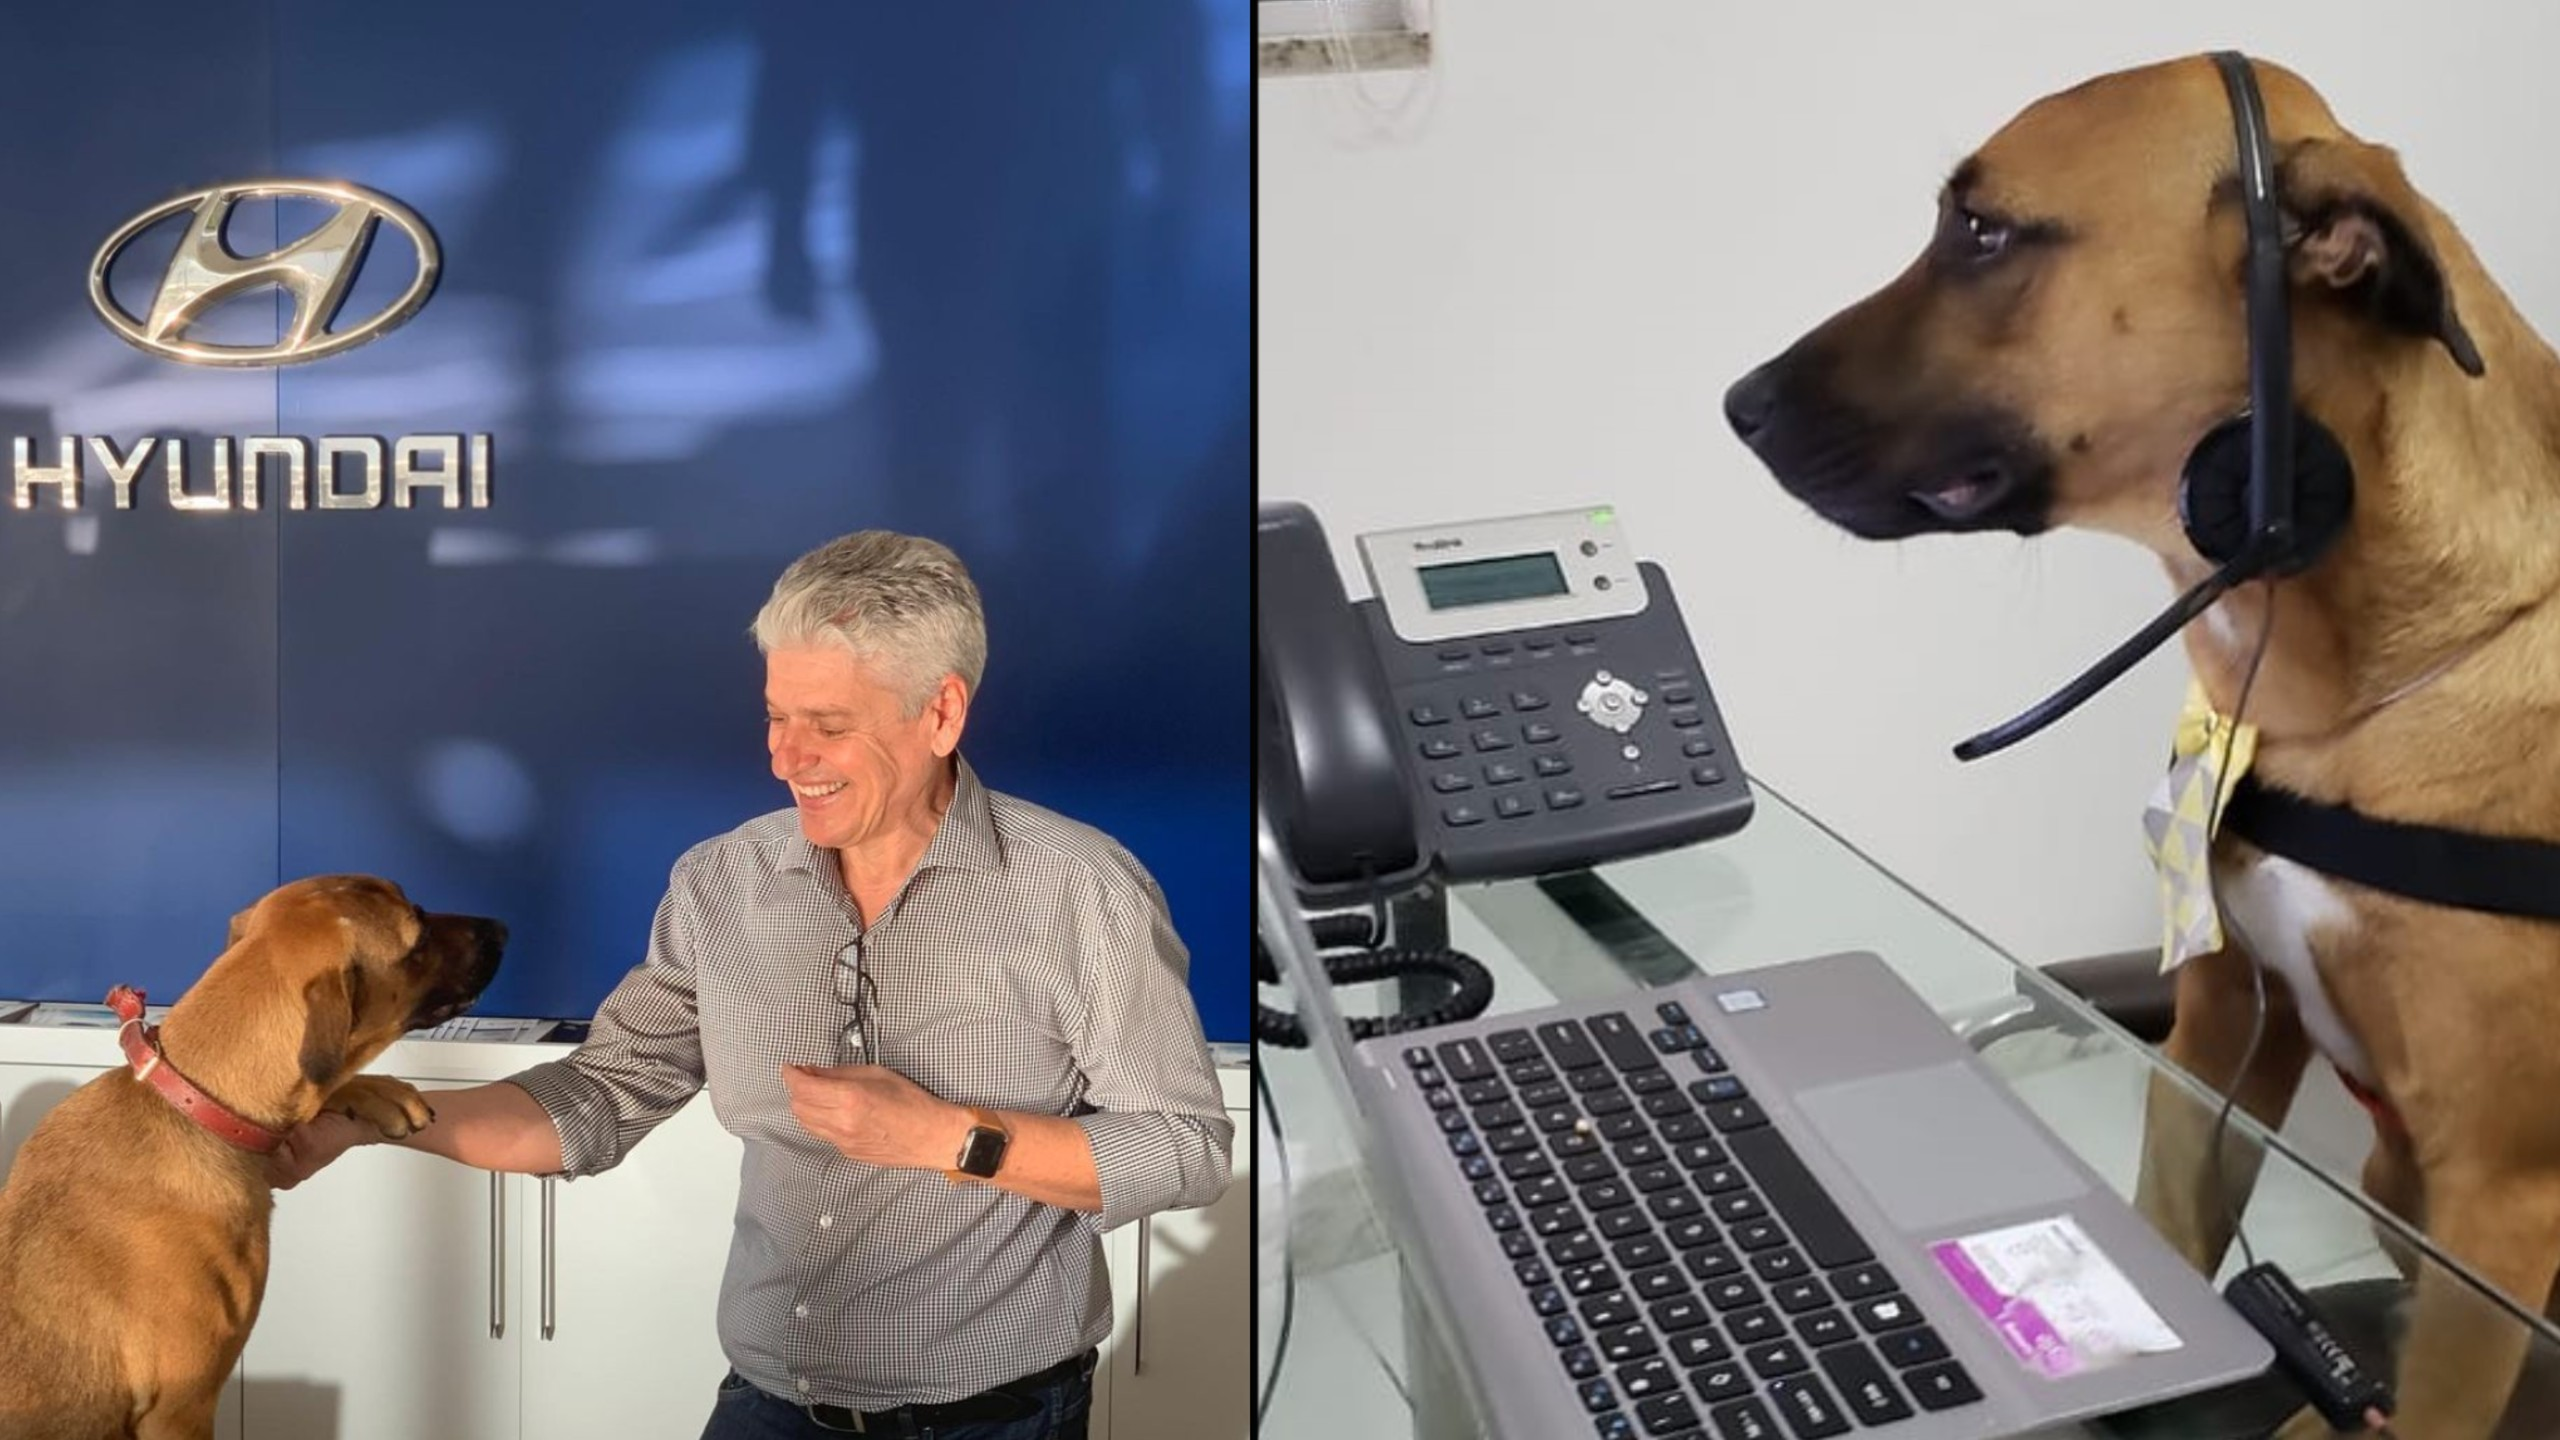 Stray dog hired at Hyundai Dealership